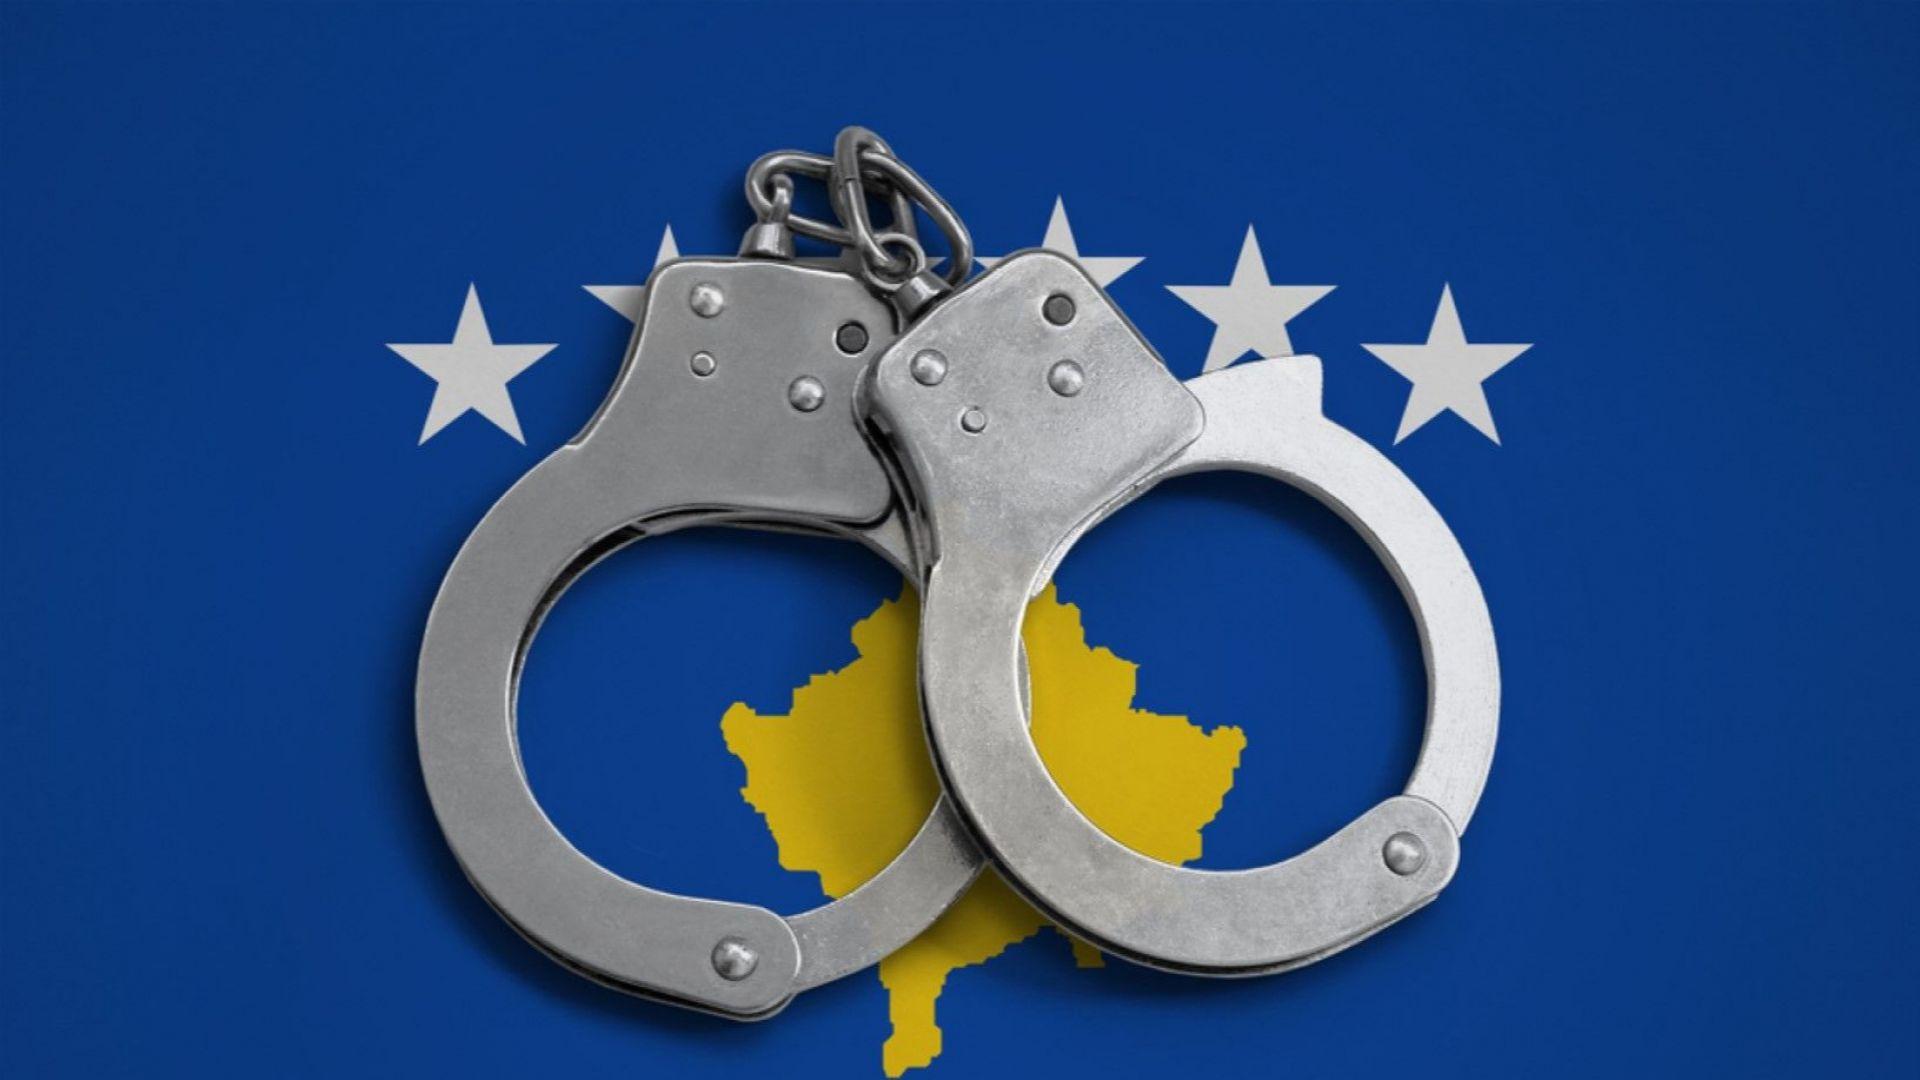 16 души арестуваха в Косово  за нелегална търговия с оръжие, откриха и български паспорт